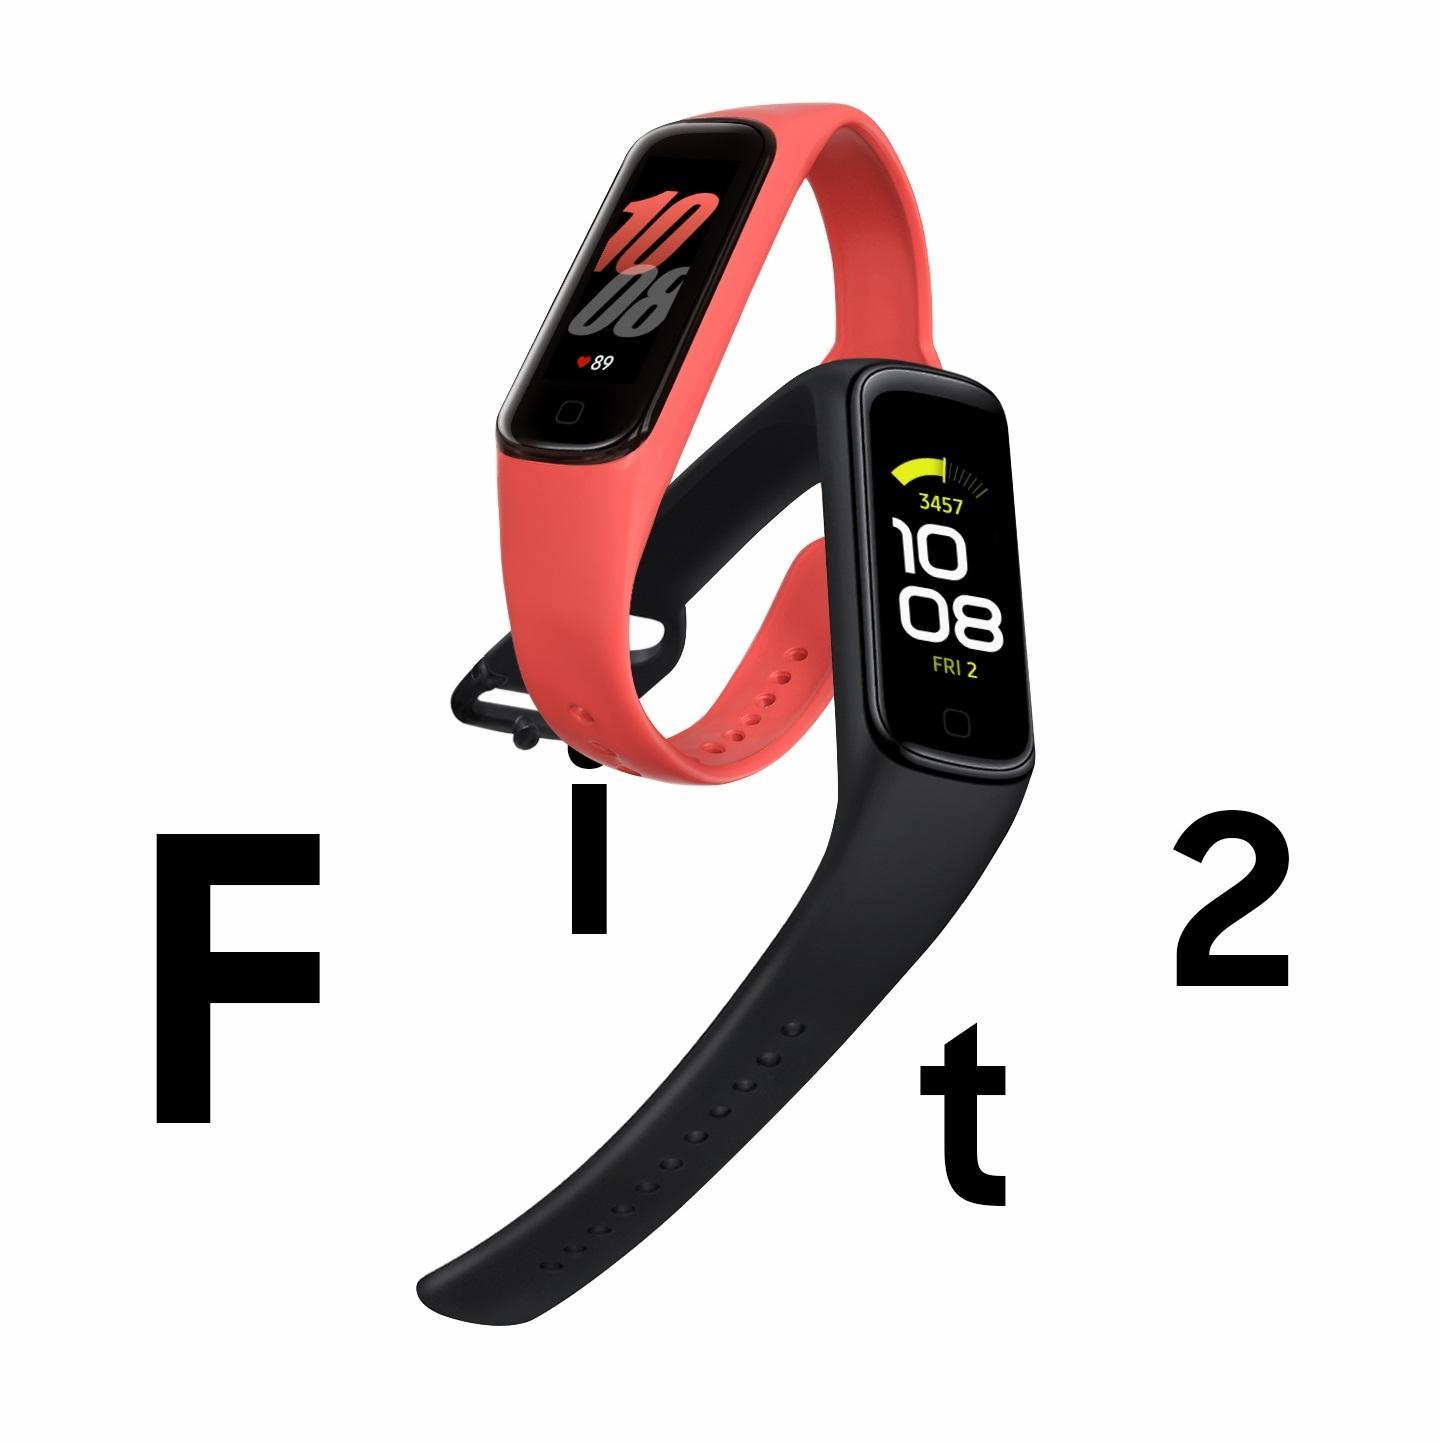 249 元,三星 Galaxy Fit2 智能手环国行上线:15 天续航、IP68 防水